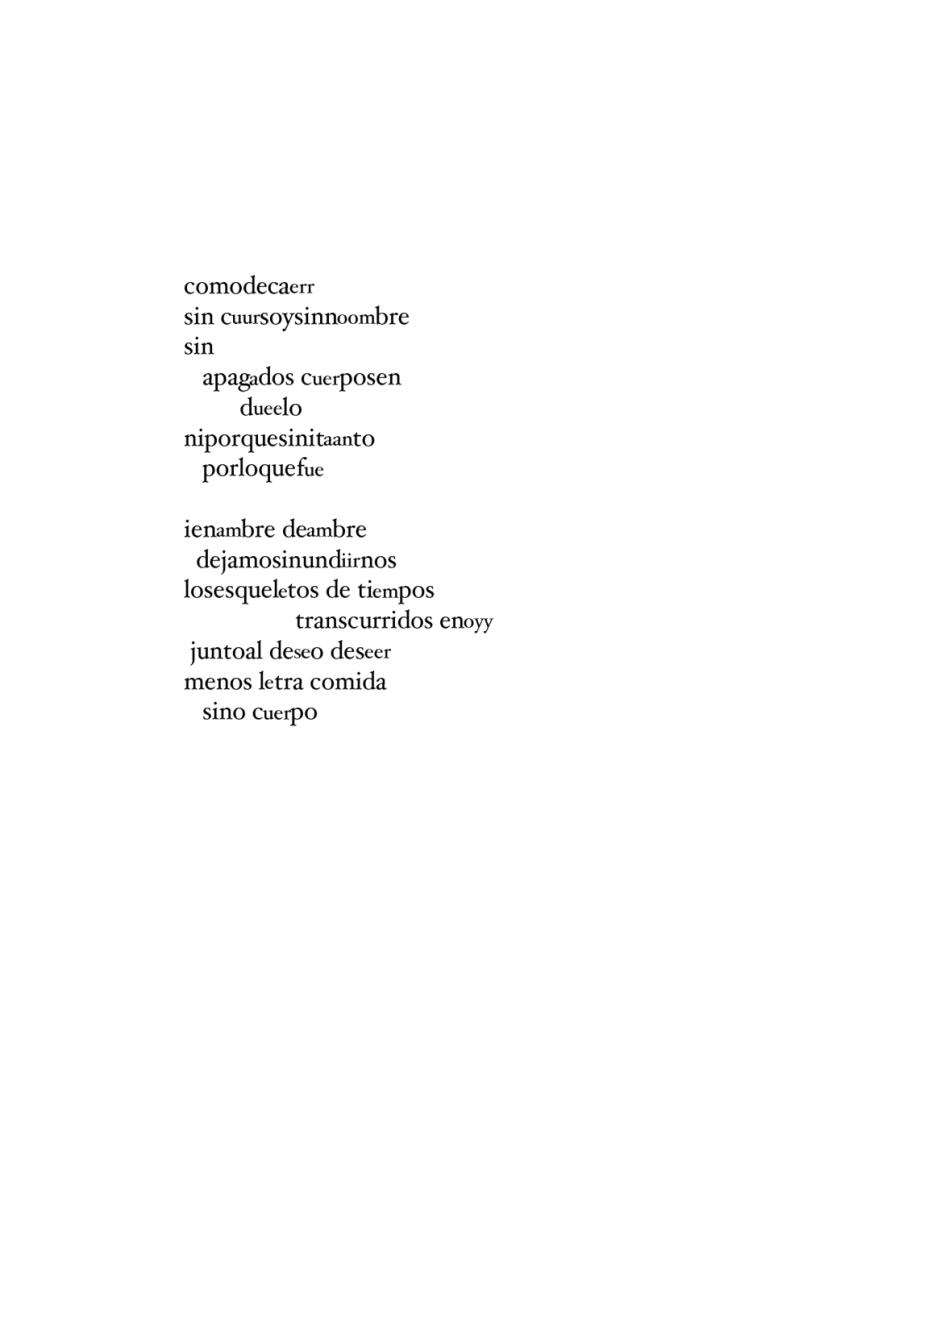 CERVERO--madrecitas---06